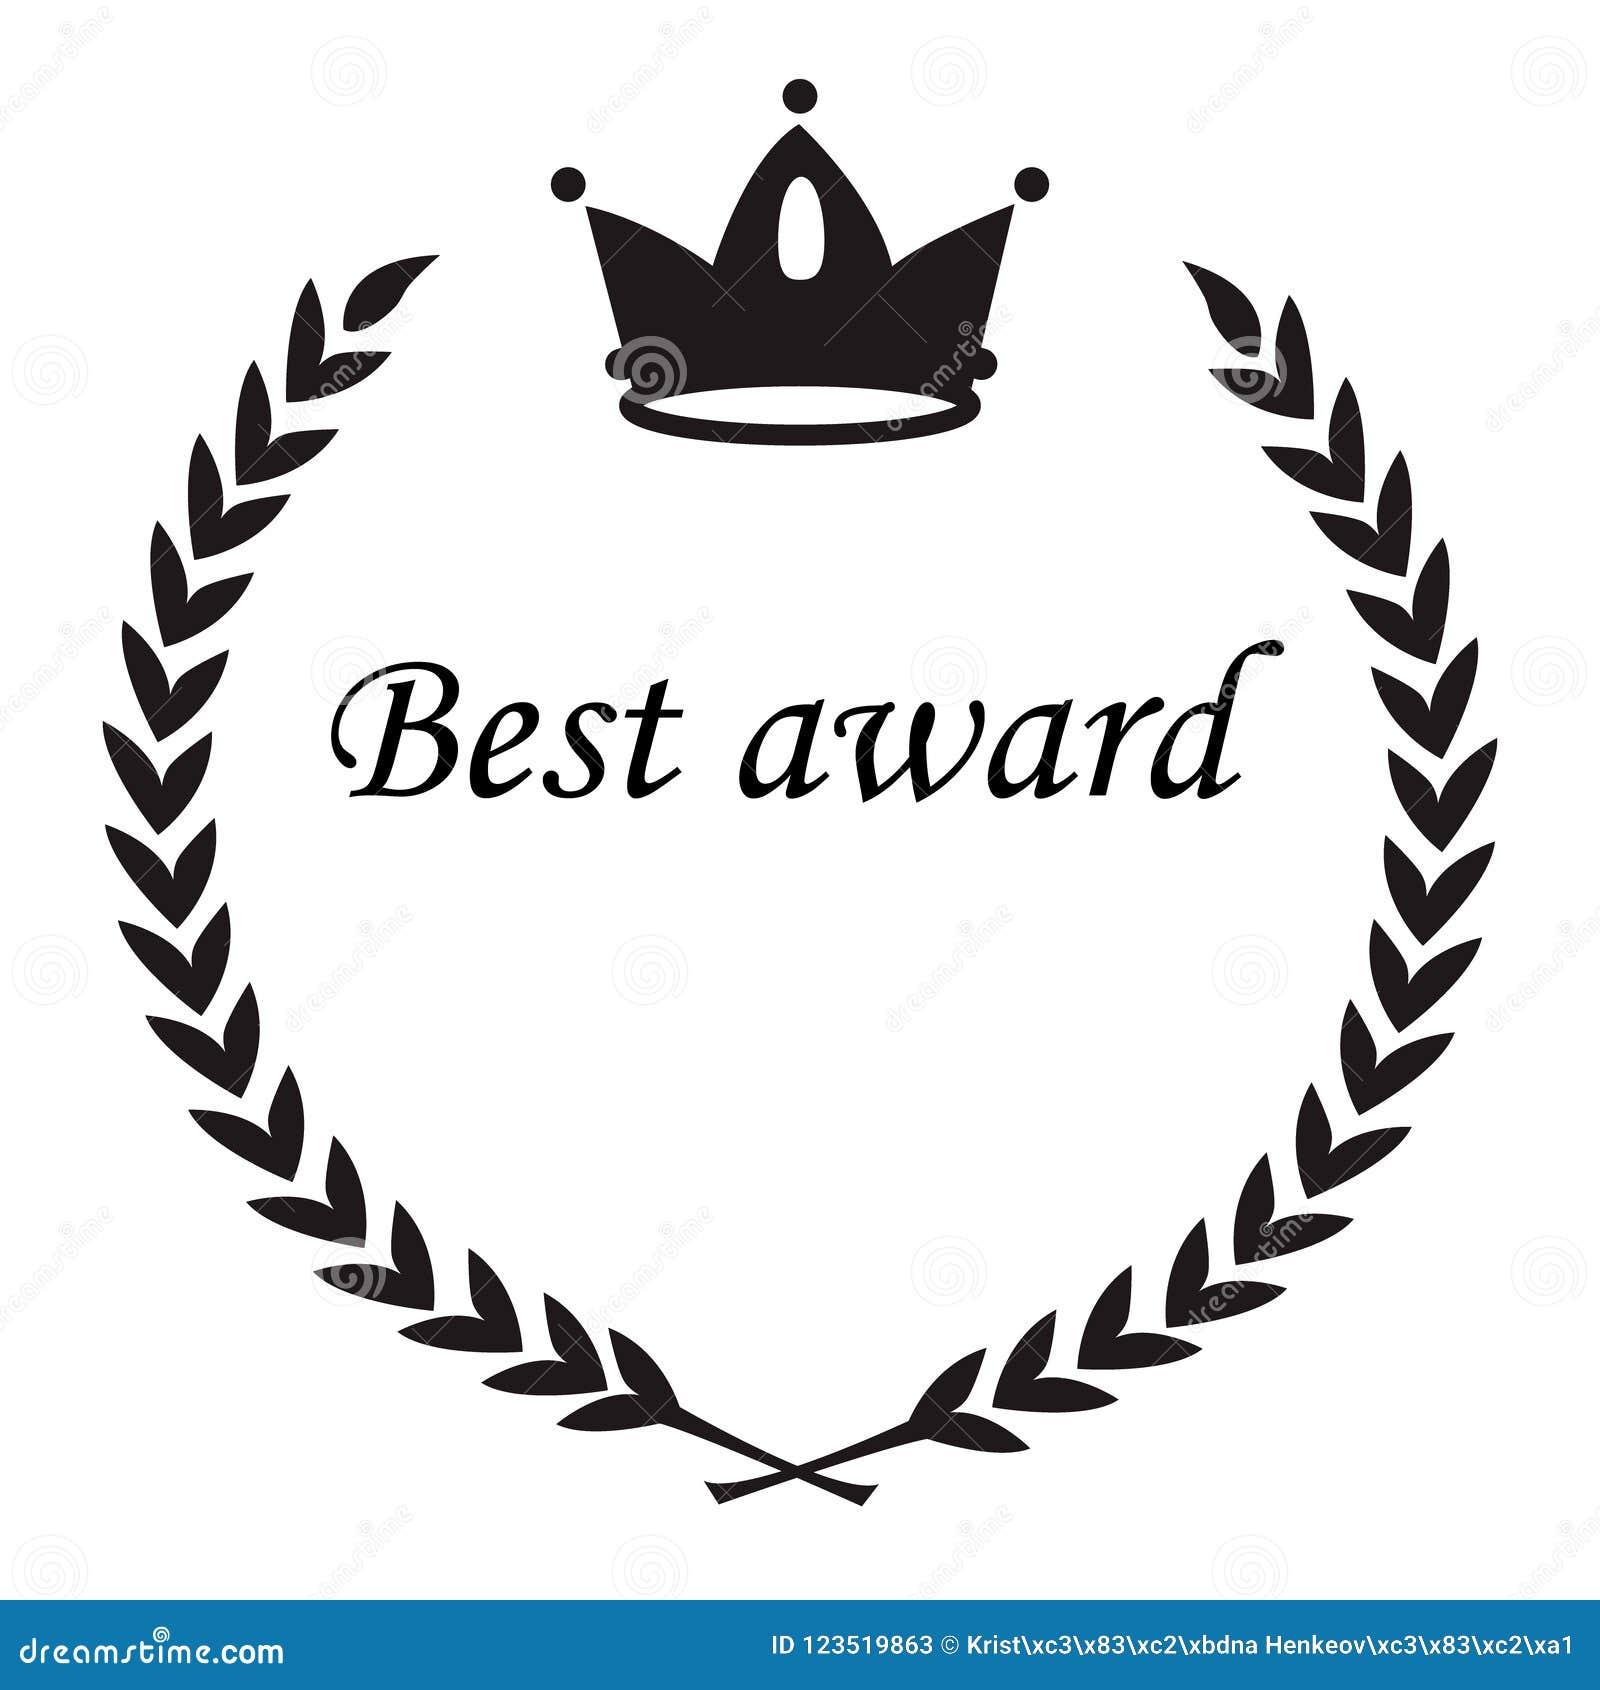 Le meilleur signe de récompense, guirlande de laurier de la couronne NAD part, bla plat de cercle